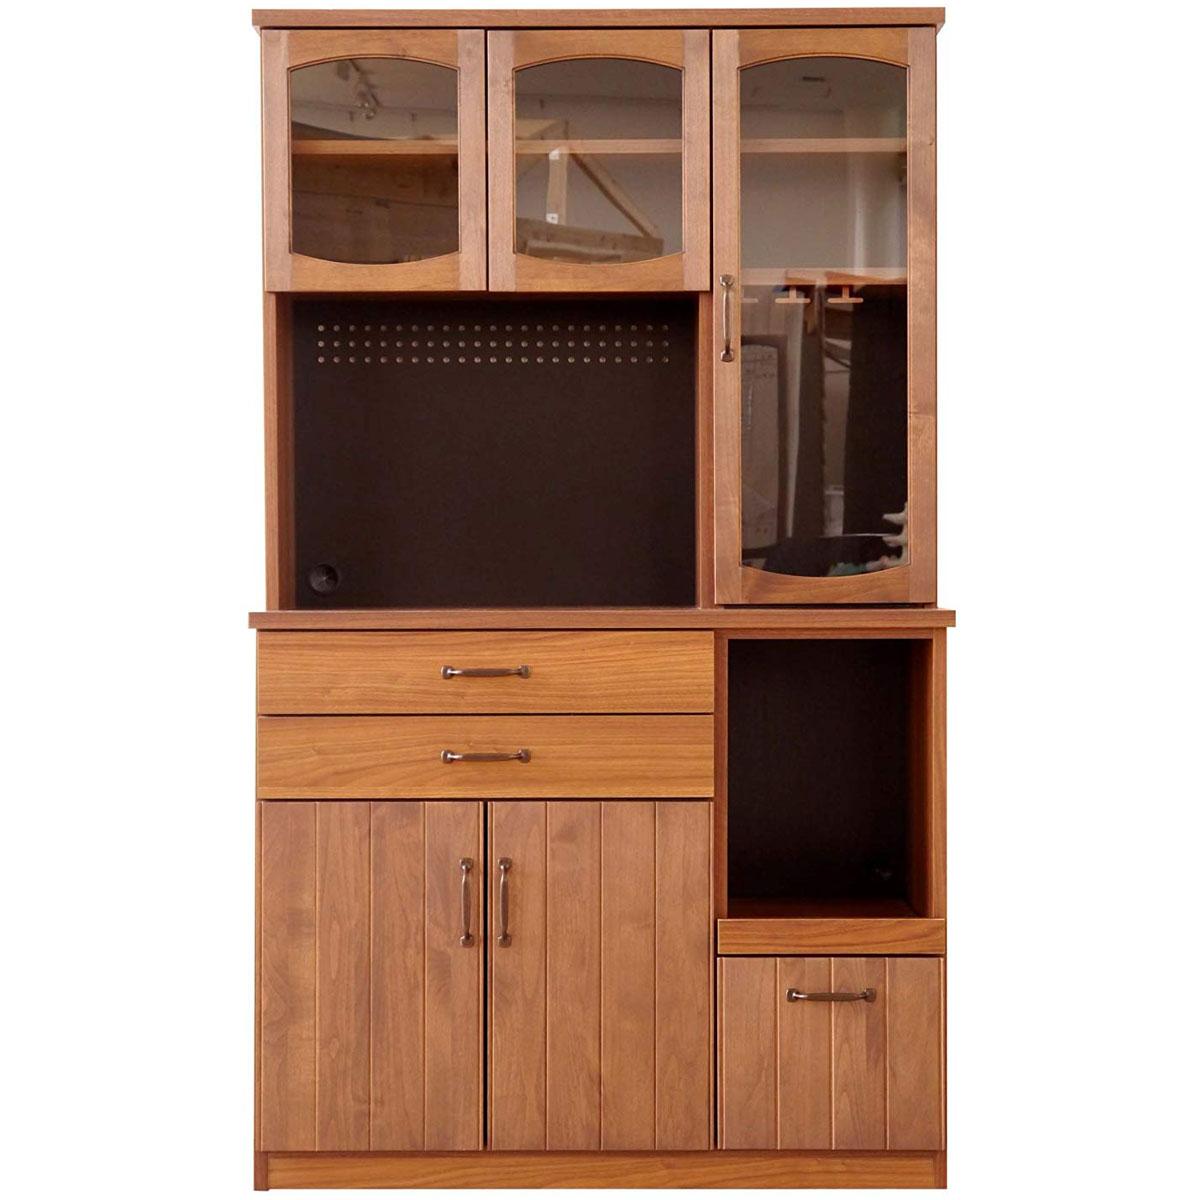 【送料無料】105カップボード 日本製 完成品 食器棚 キッチンボード カップボード シェルフ 幅105 大型